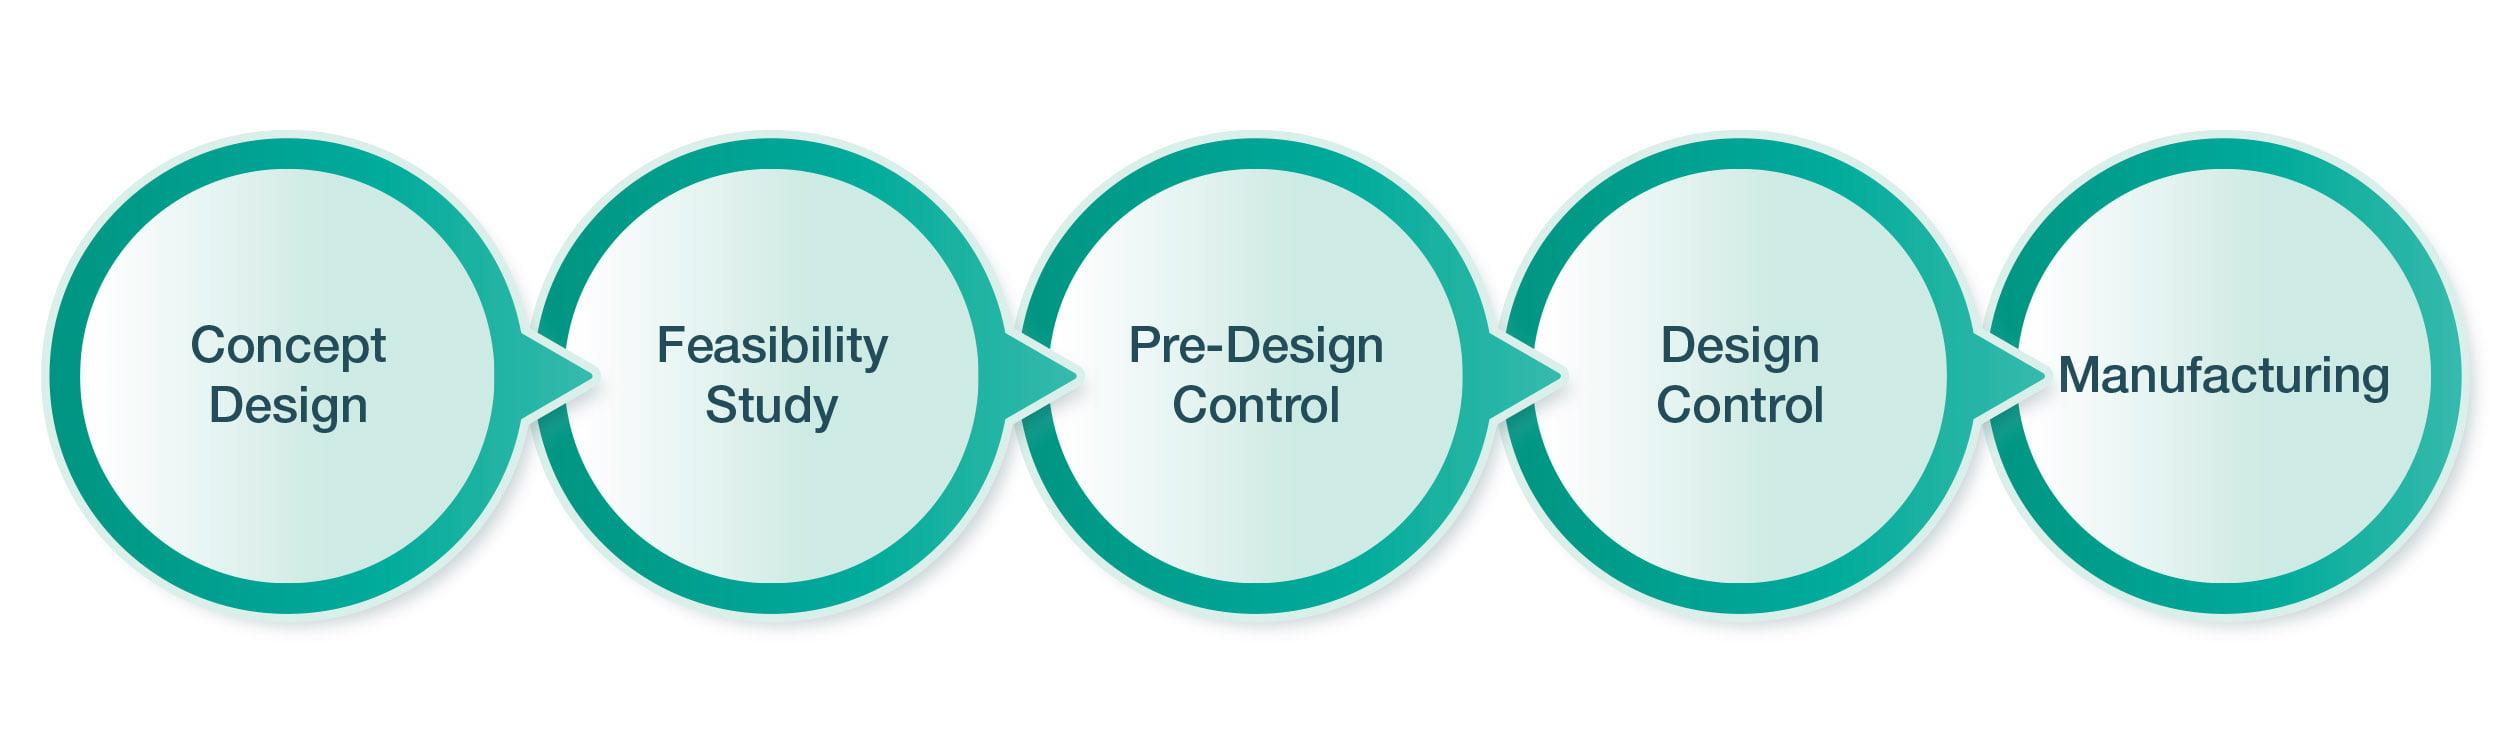 Process Flow Diagram ST2_Dev